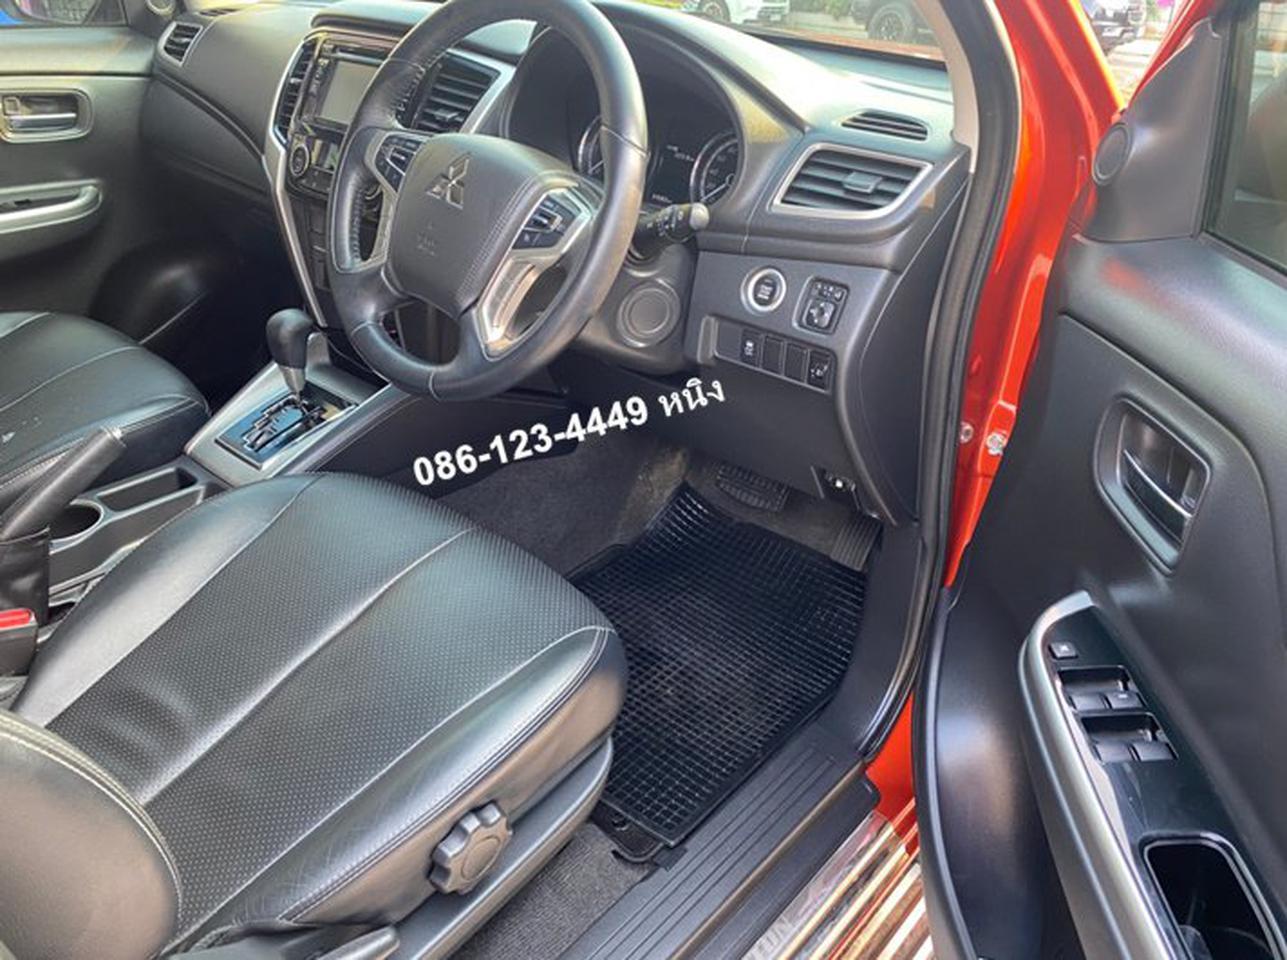 Mitsubishi Triton 4 Door 2.4 GT Plus ปี 2019 เกียร์AUTO รูปที่ 5